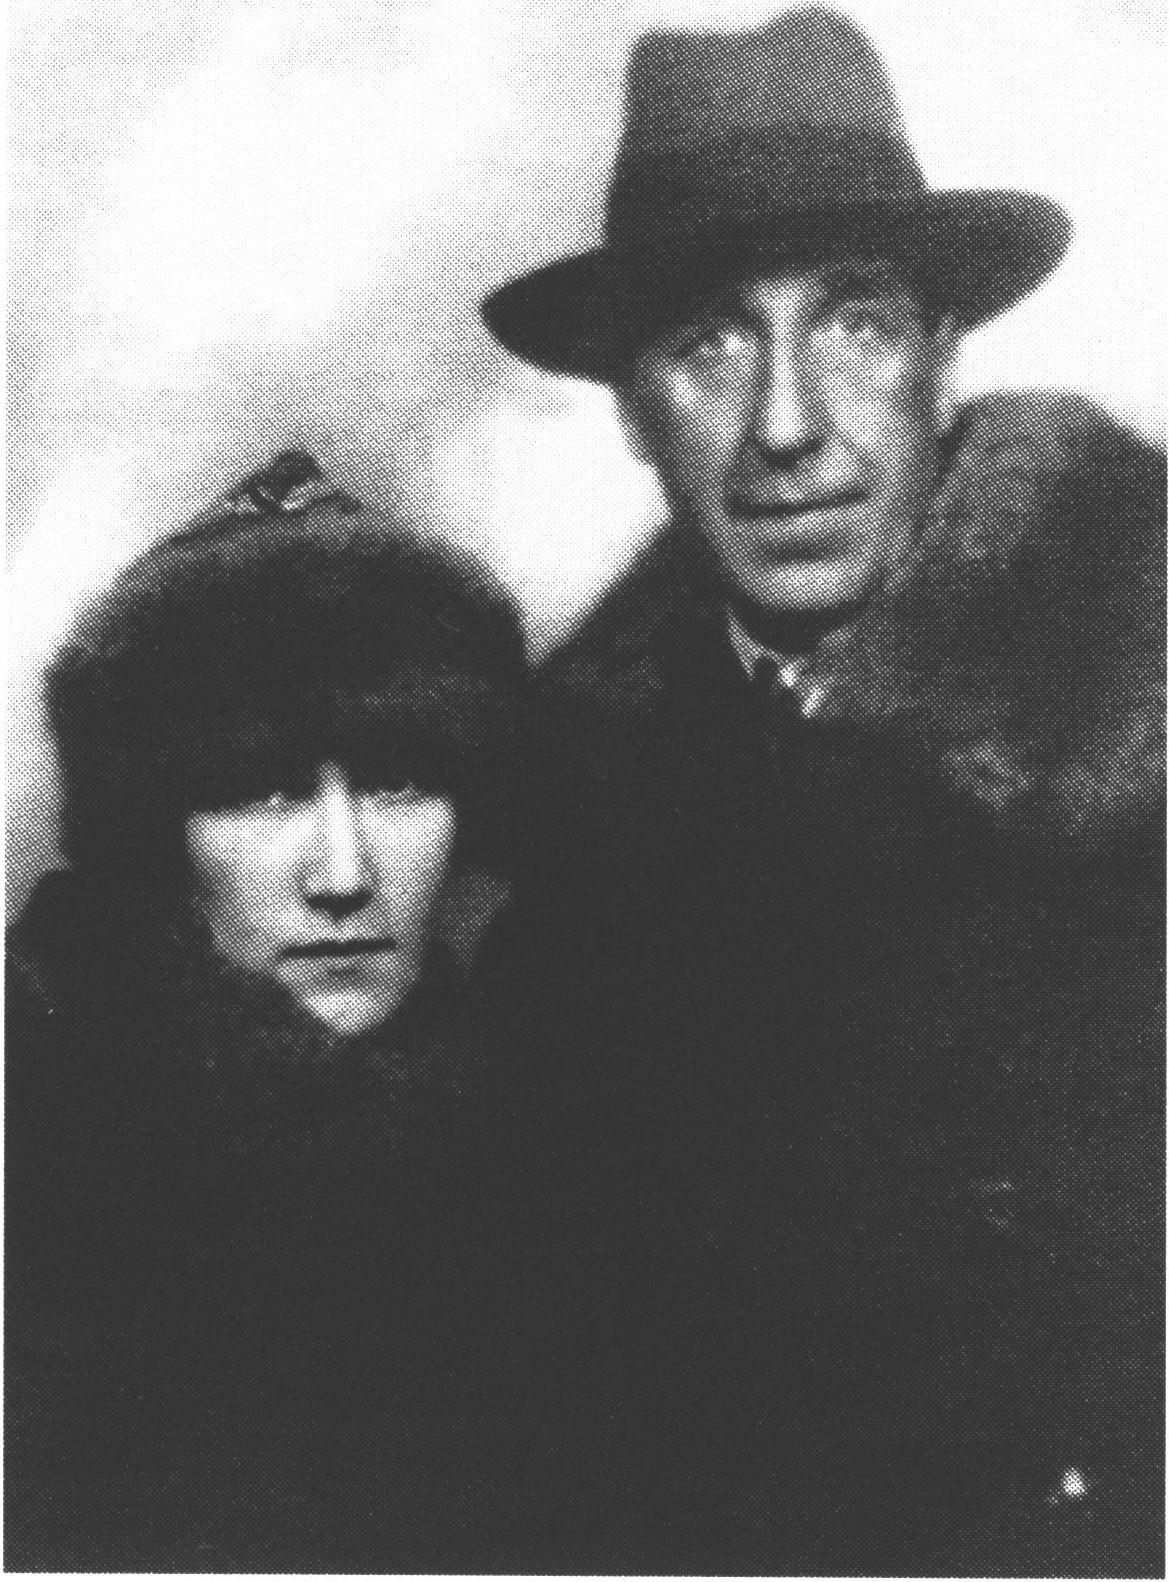 Игорь Северянин с единственной официальной женой Фелиссой Круут, 1928 год. Источник фото: www.poet-severyanin.ru